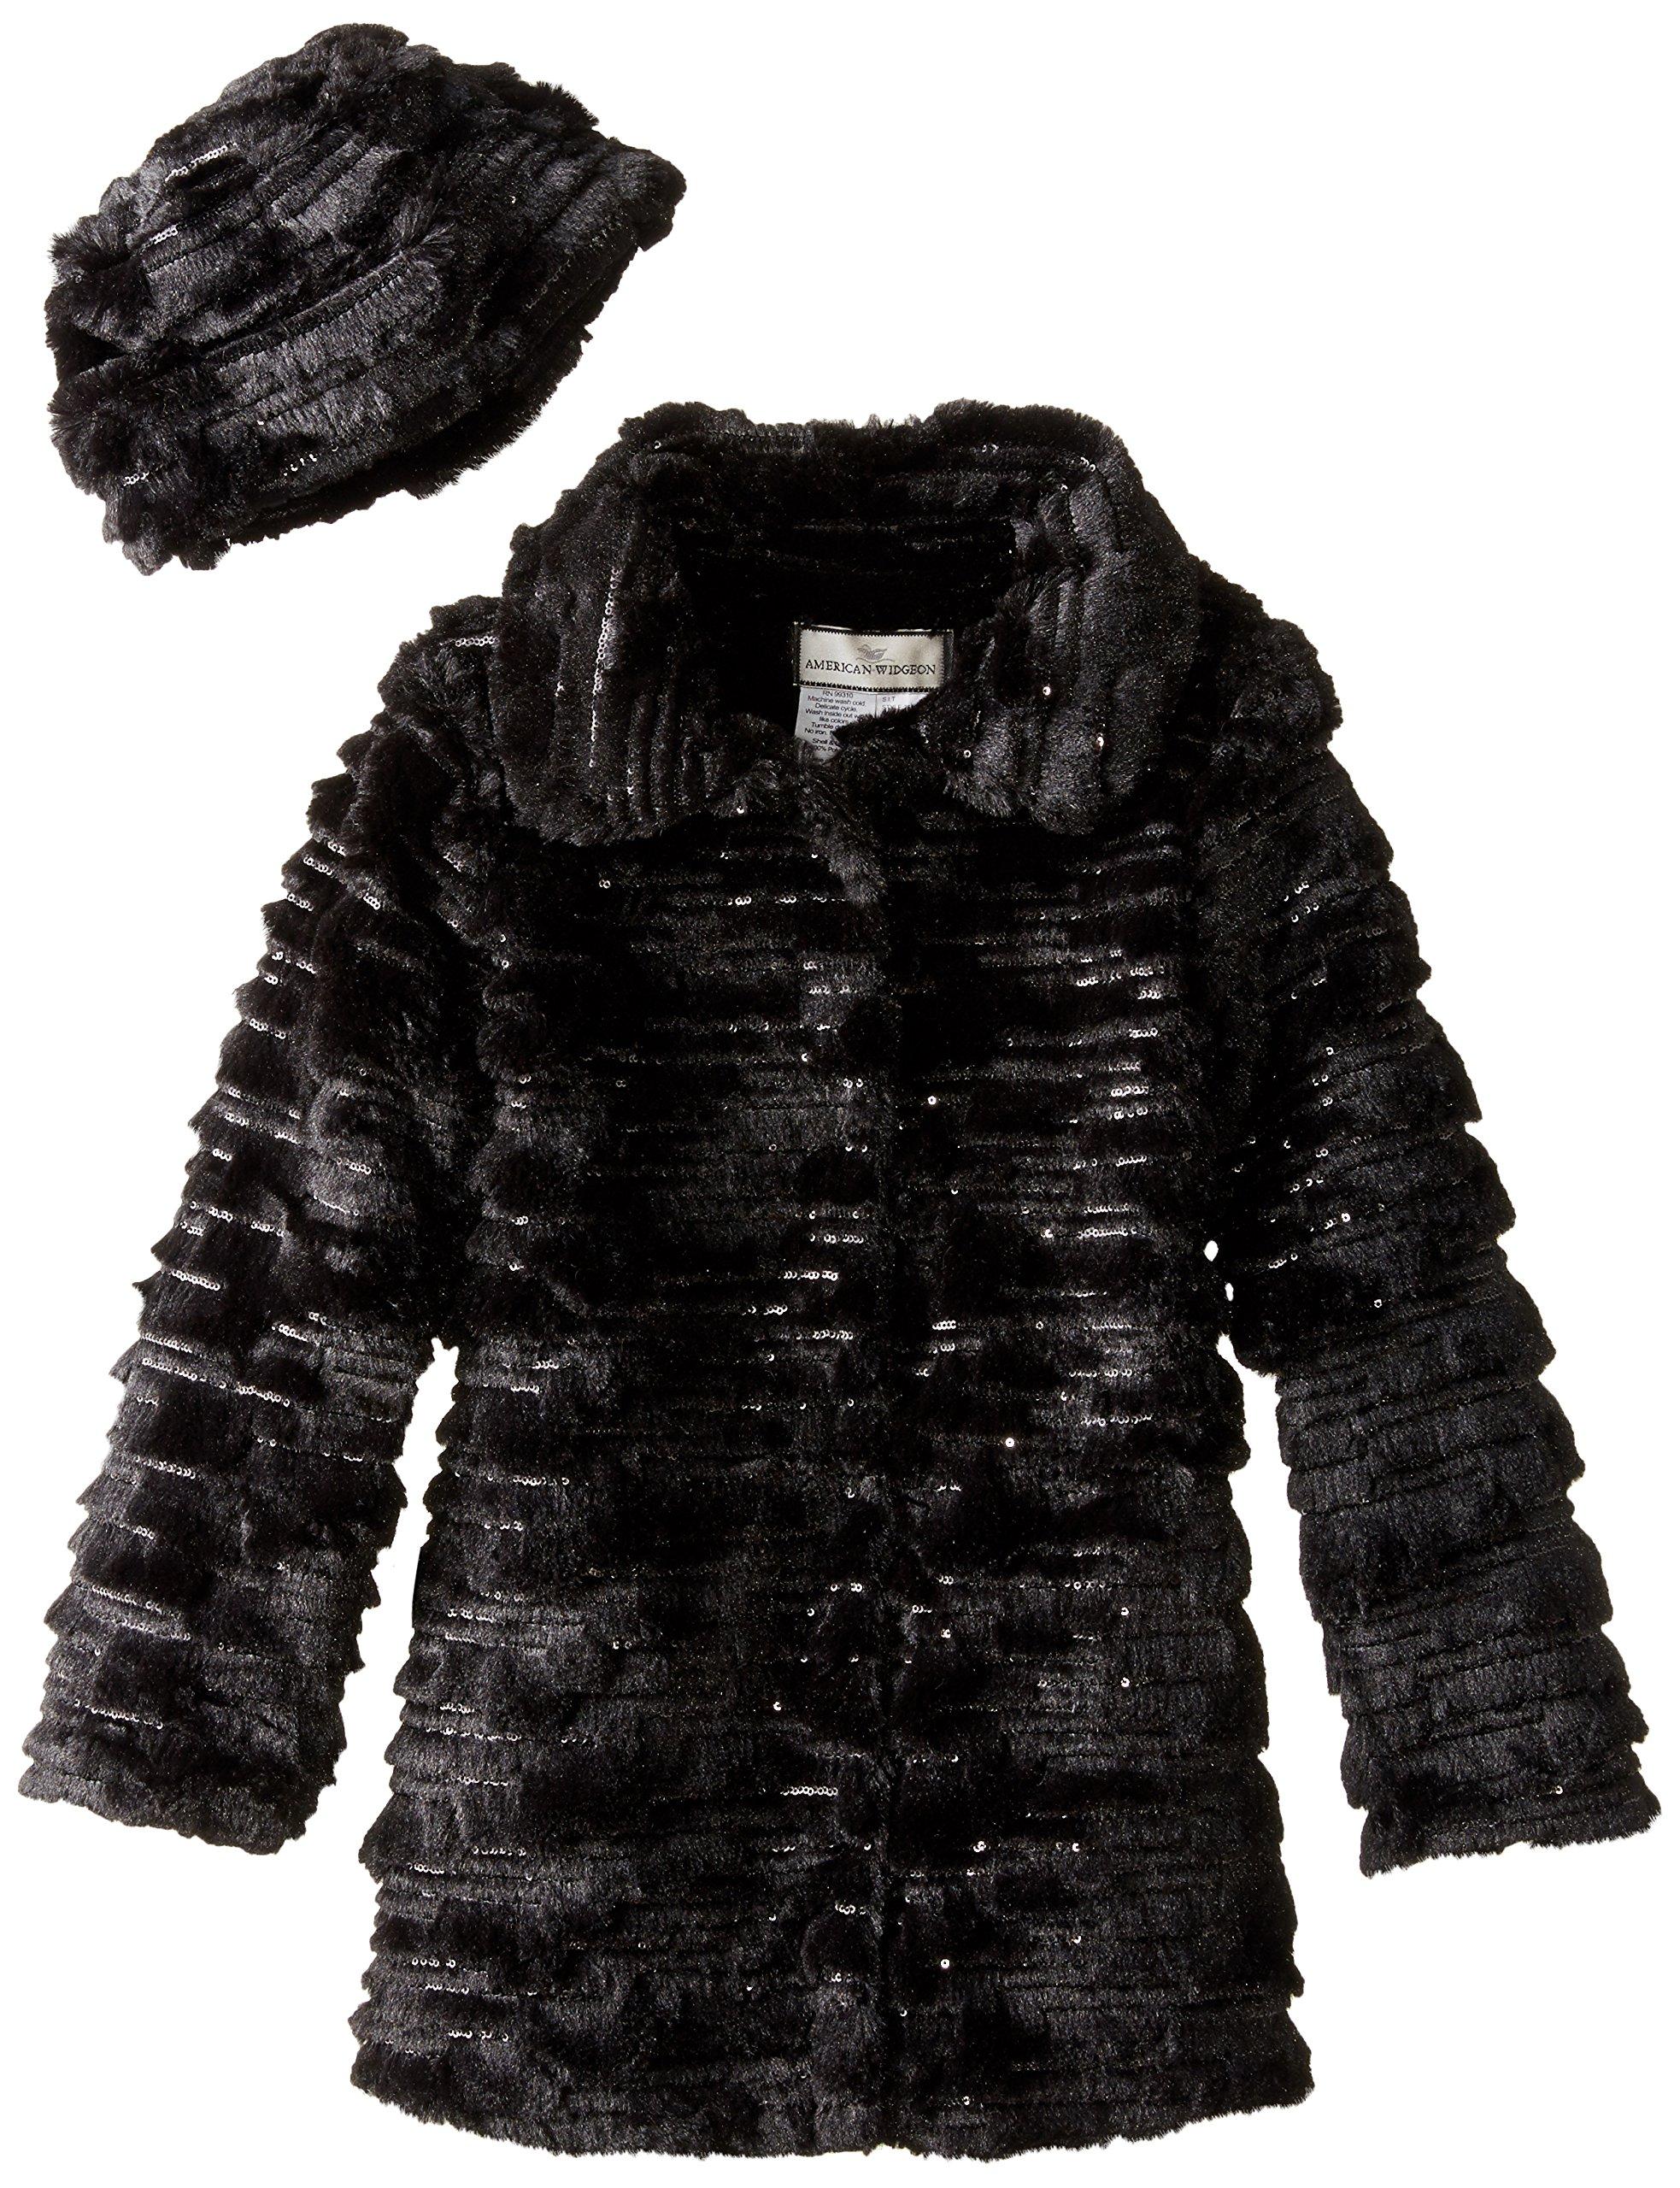 Widgeon Big Girls' Sequin Sparkle Coat with Hat, Sequin Black, 10